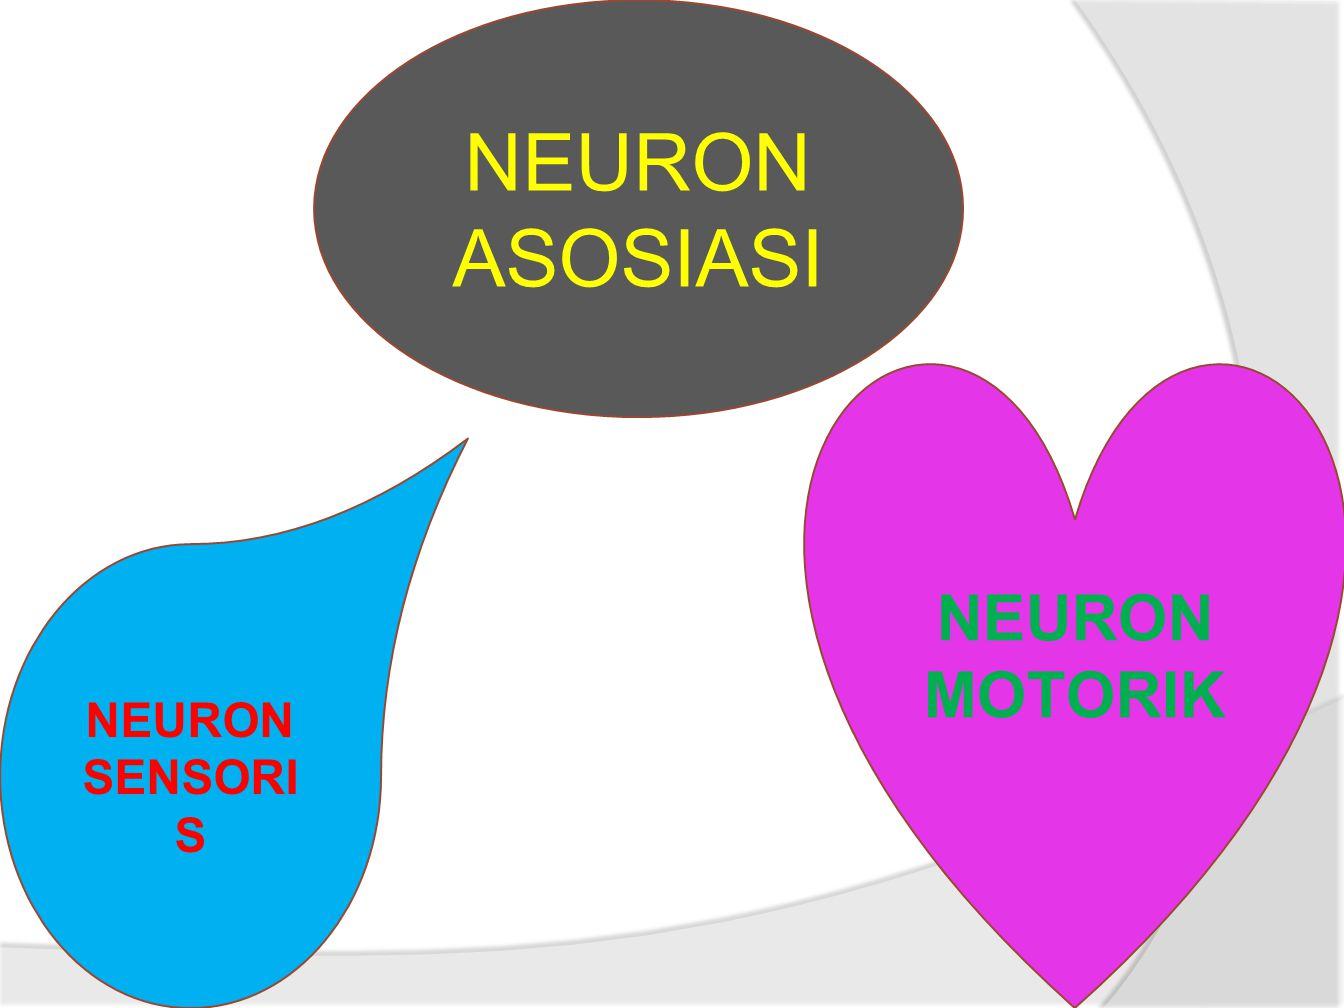 NEURON ASOSIASI NEURON MOTORIK NEURON SENSORIS